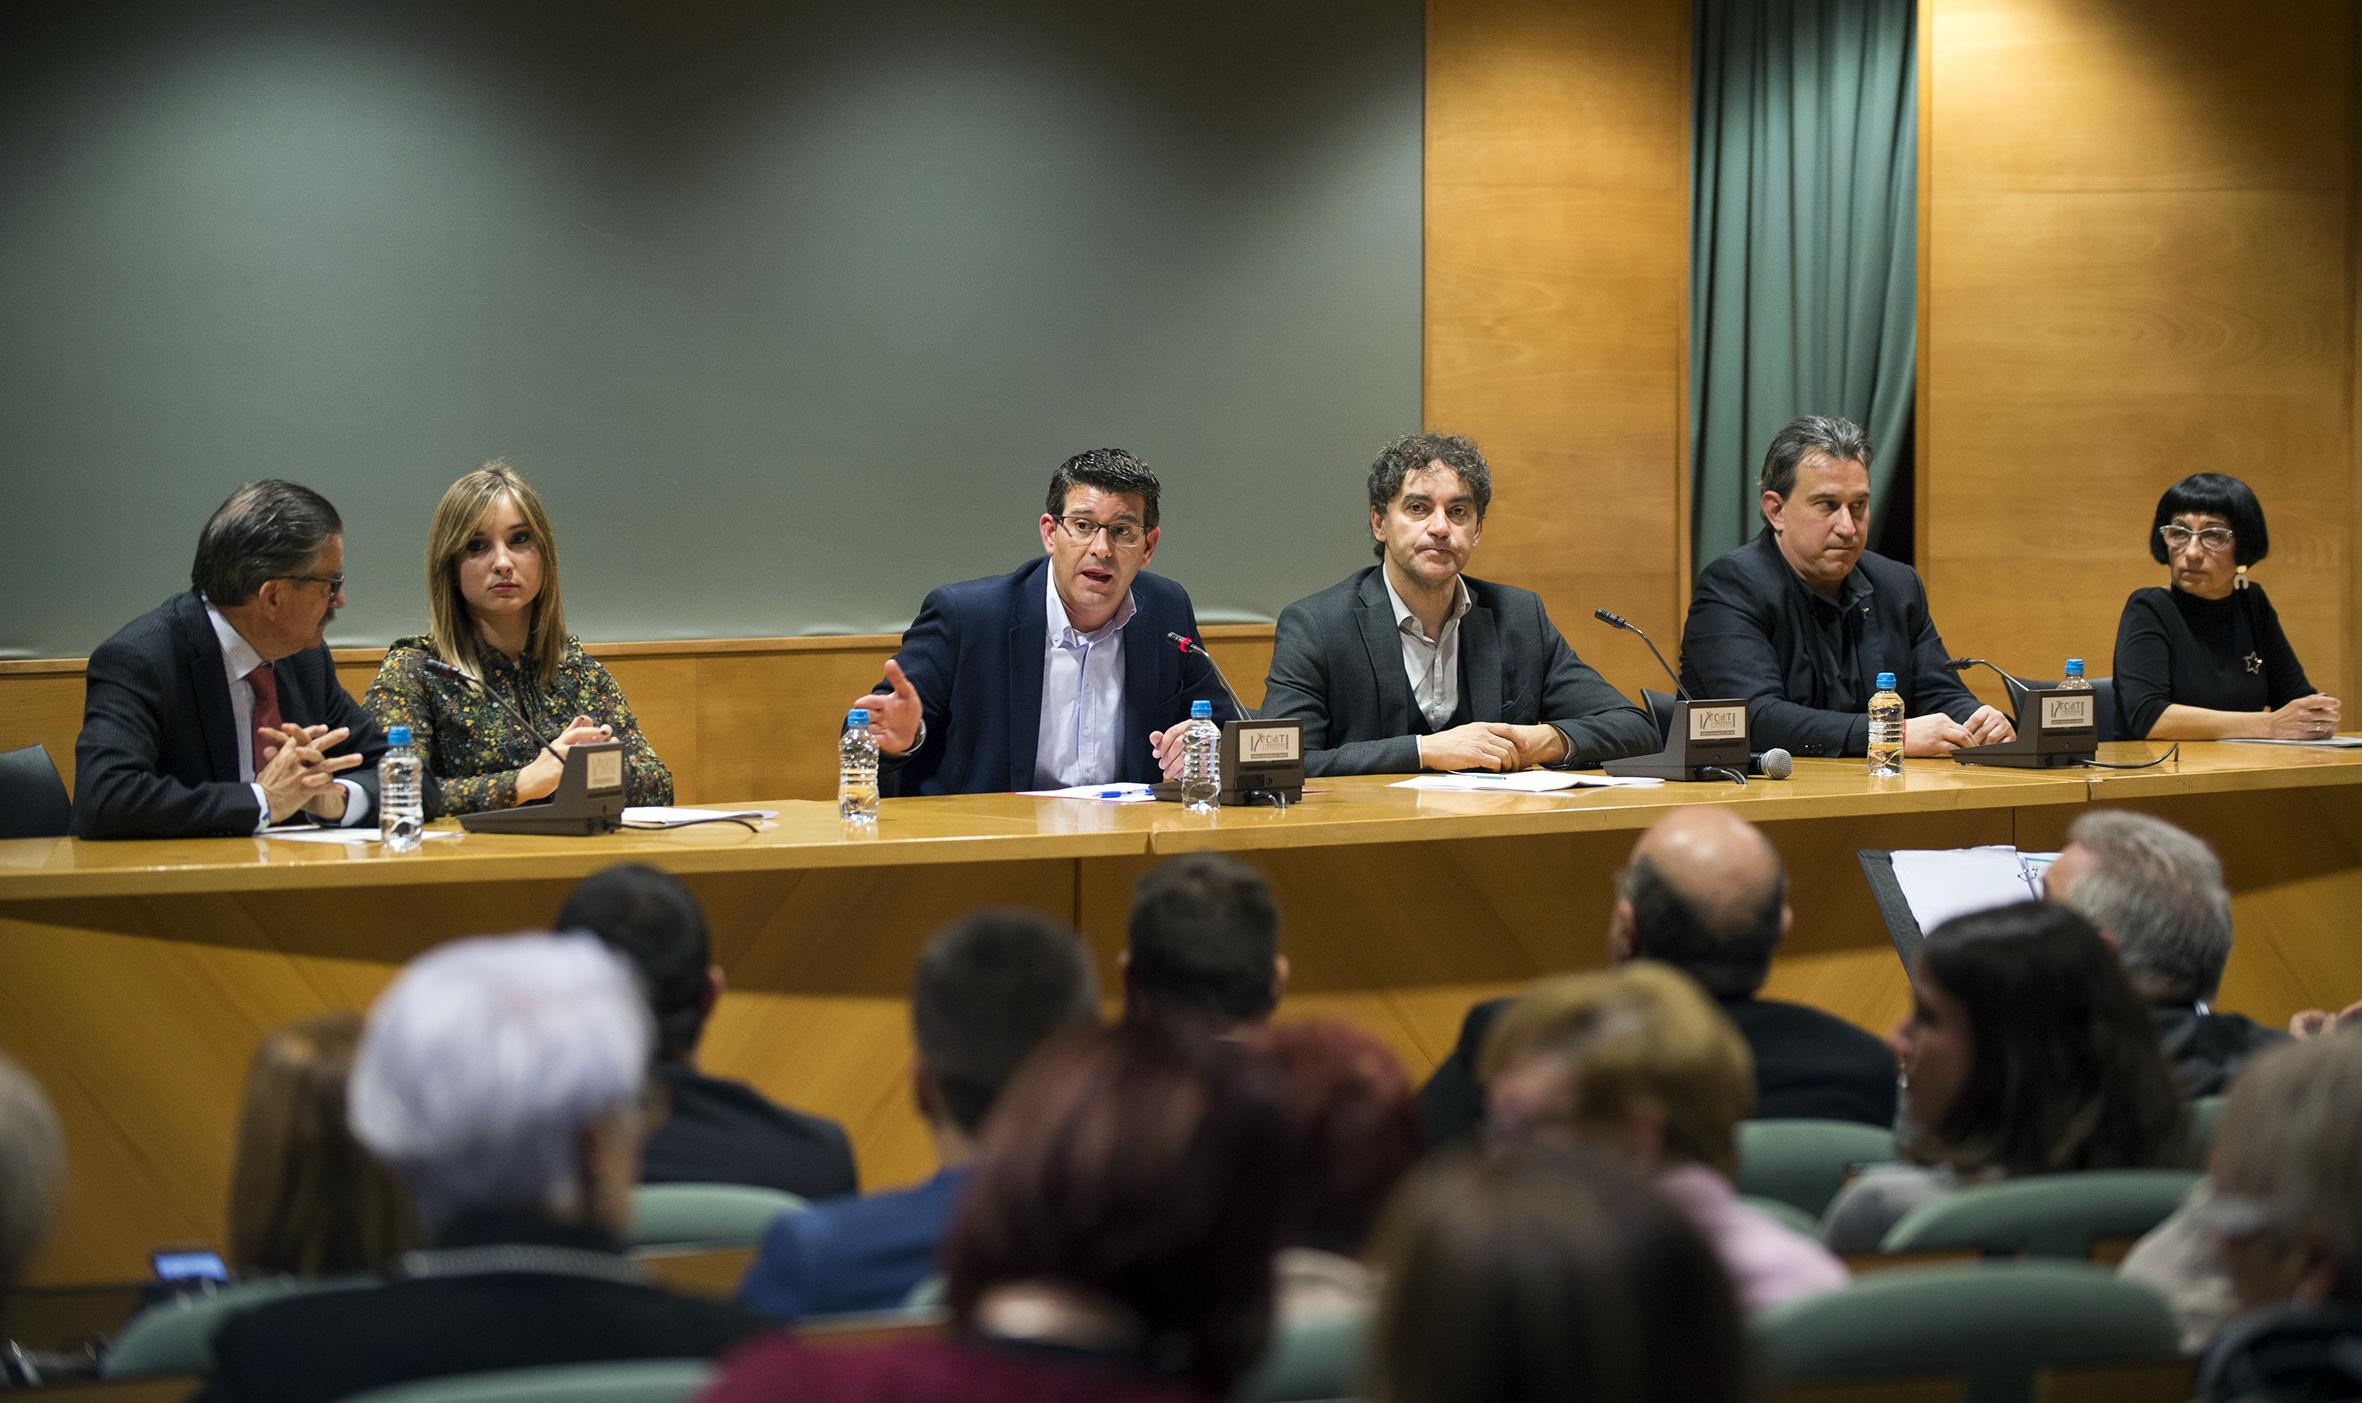 Rodríguez ha clausurado junto al secretario autonómico de la Agència Valenciana de Turisme, Francesc Colomer, la gala que homenajea al turismo sostenible y a sus principales actores en la Comunitat.